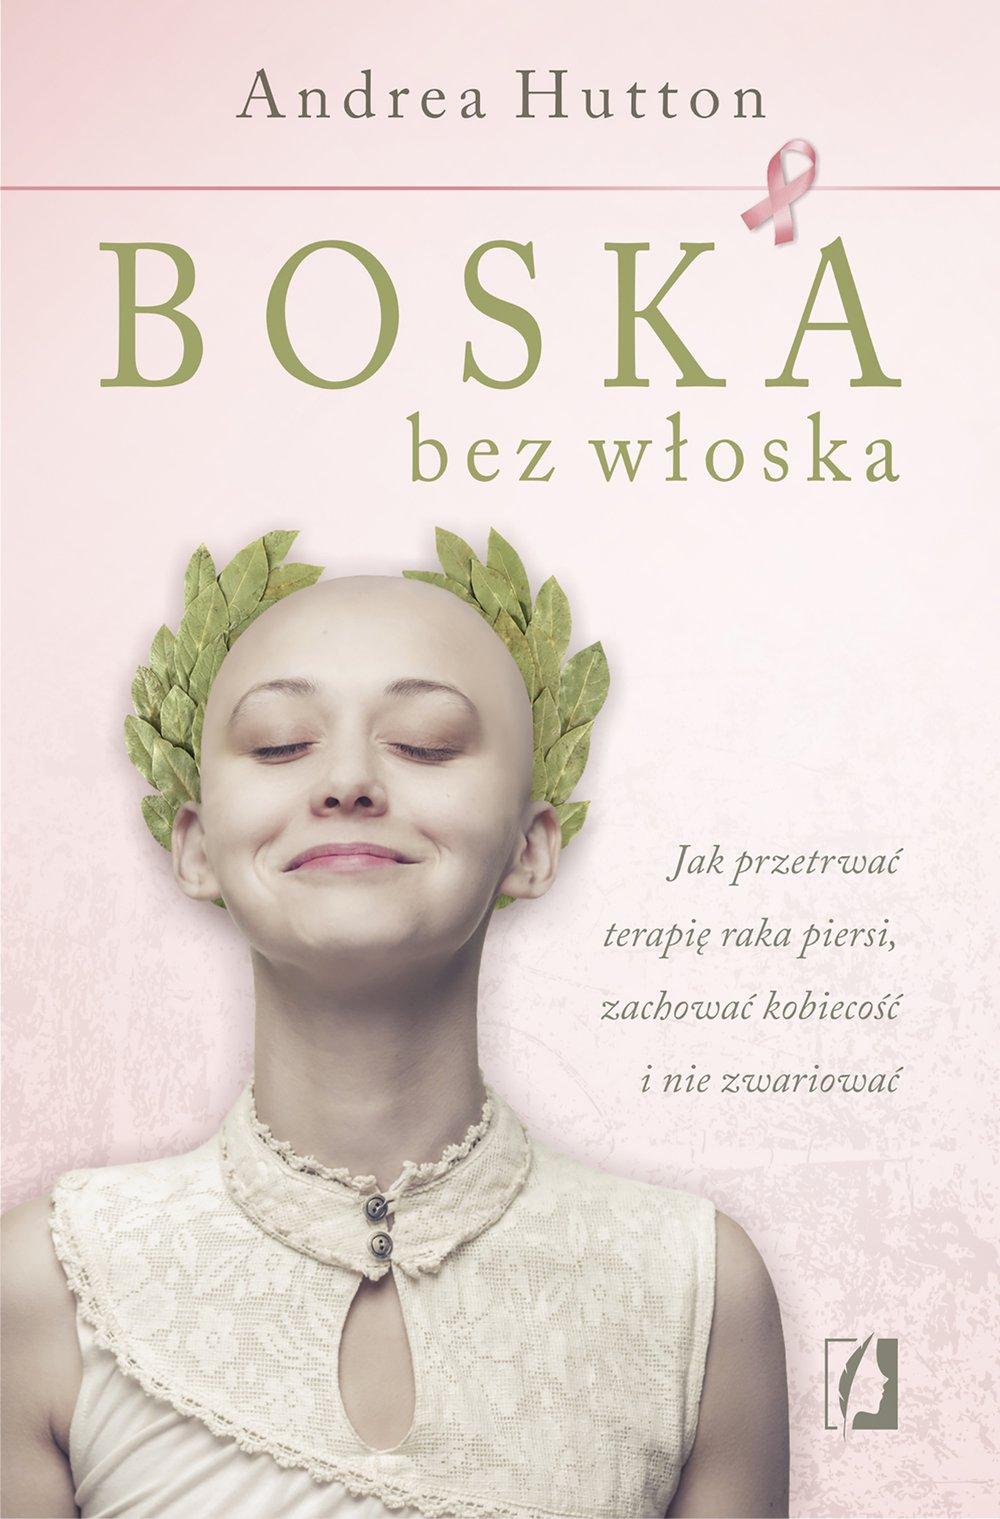 Boska bez włoska. Jak przetrwać terapię raka piersi, zachować kobiecość i nie zwariować - Ebook (Książka EPUB) do pobrania w formacie EPUB